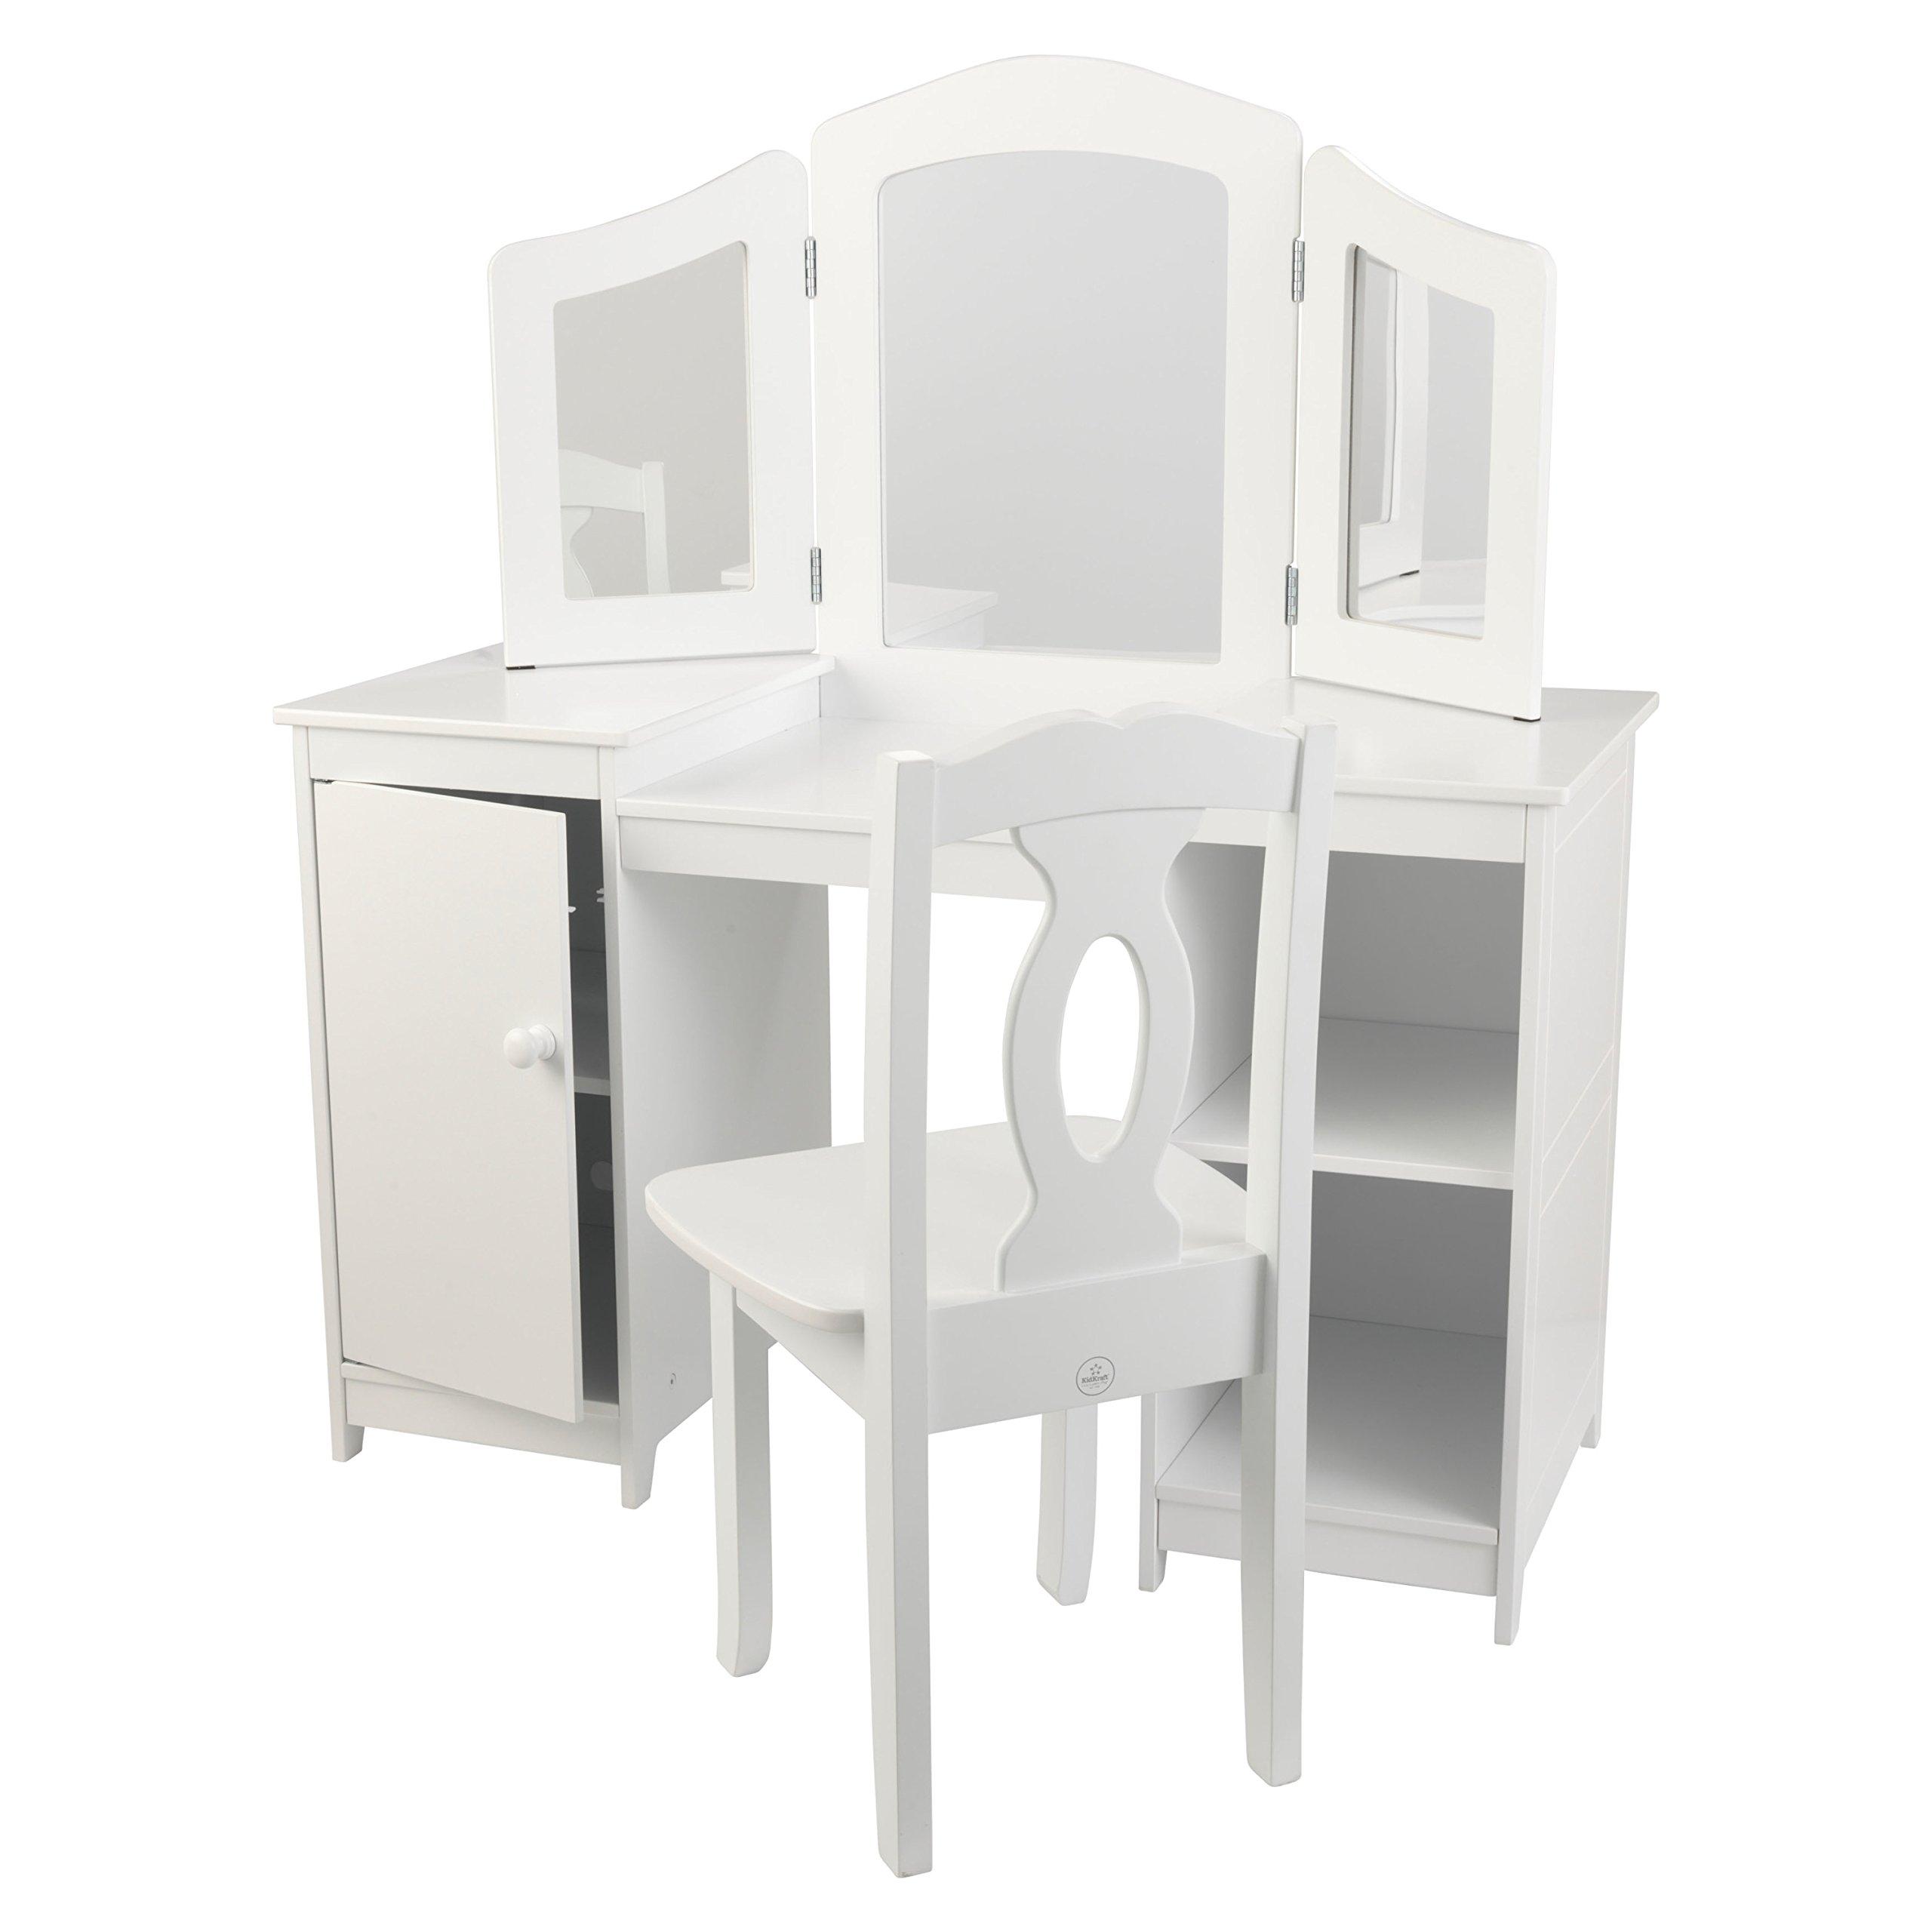 KidKraft Deluxe Vanity & Chair Toy by KidKraft (Image #3)